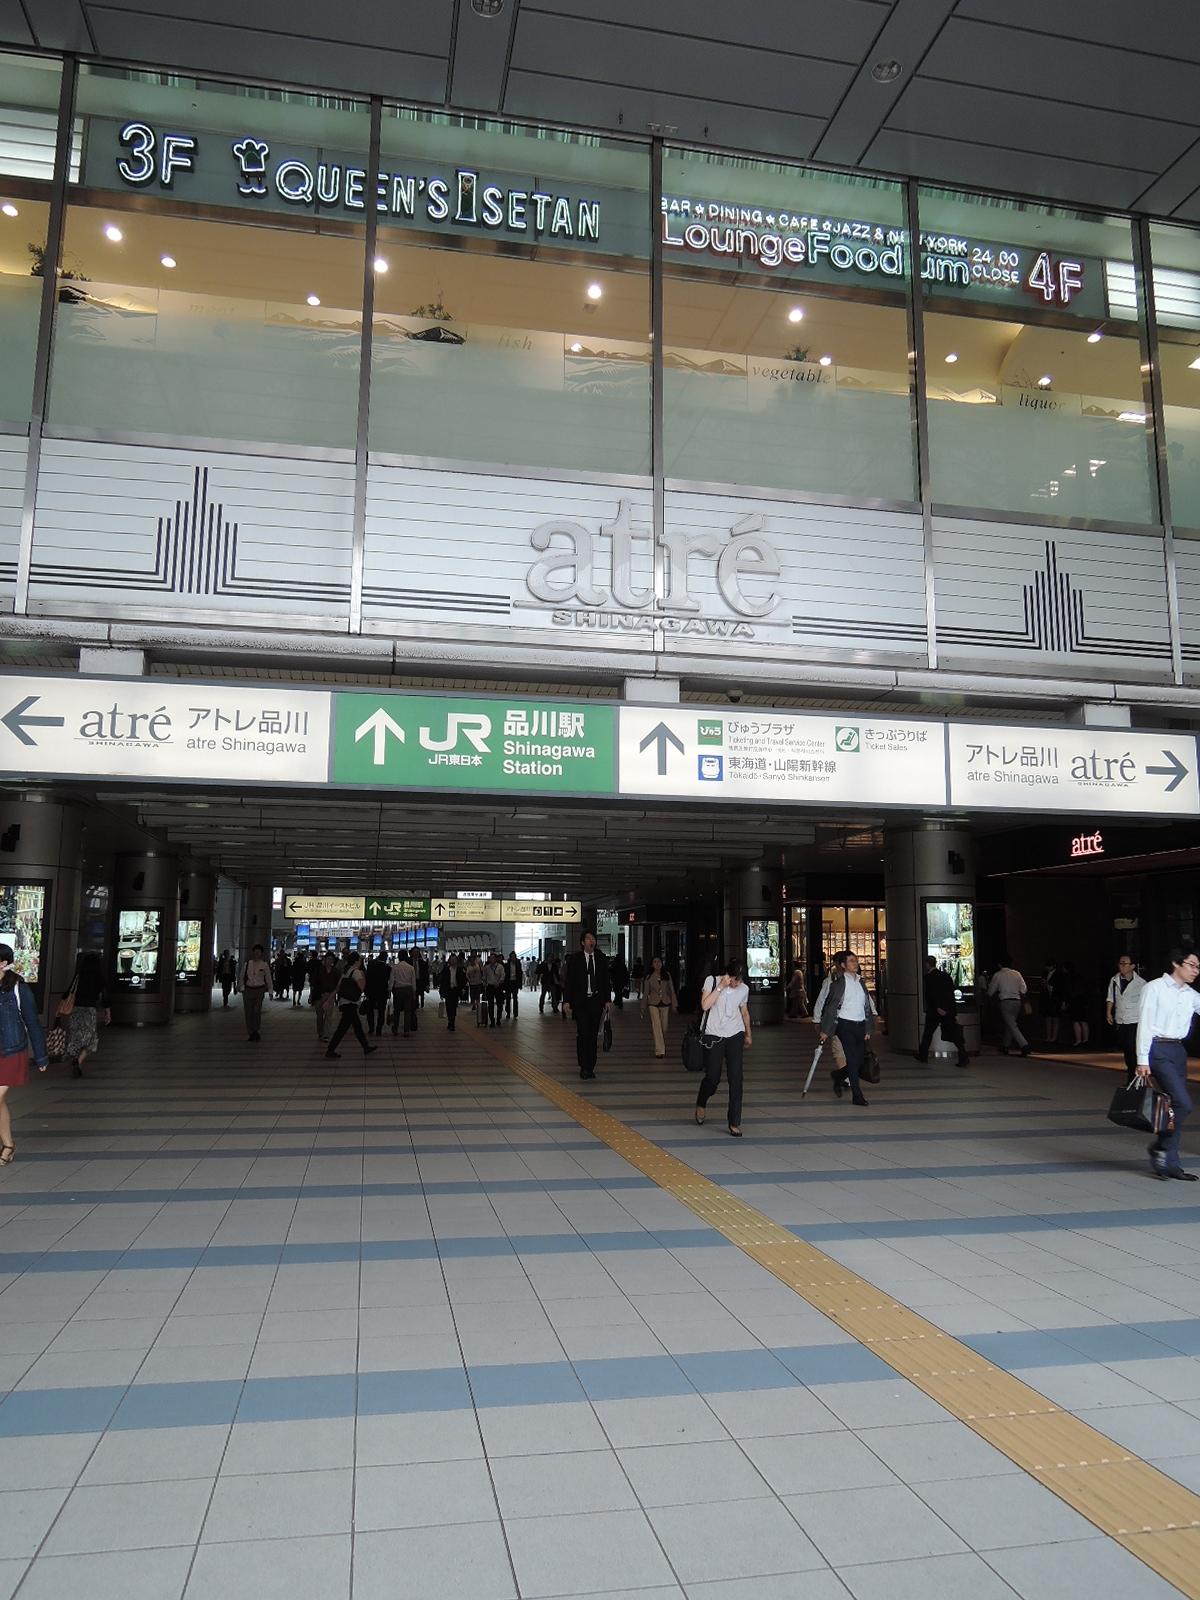 広くて大きい駅です